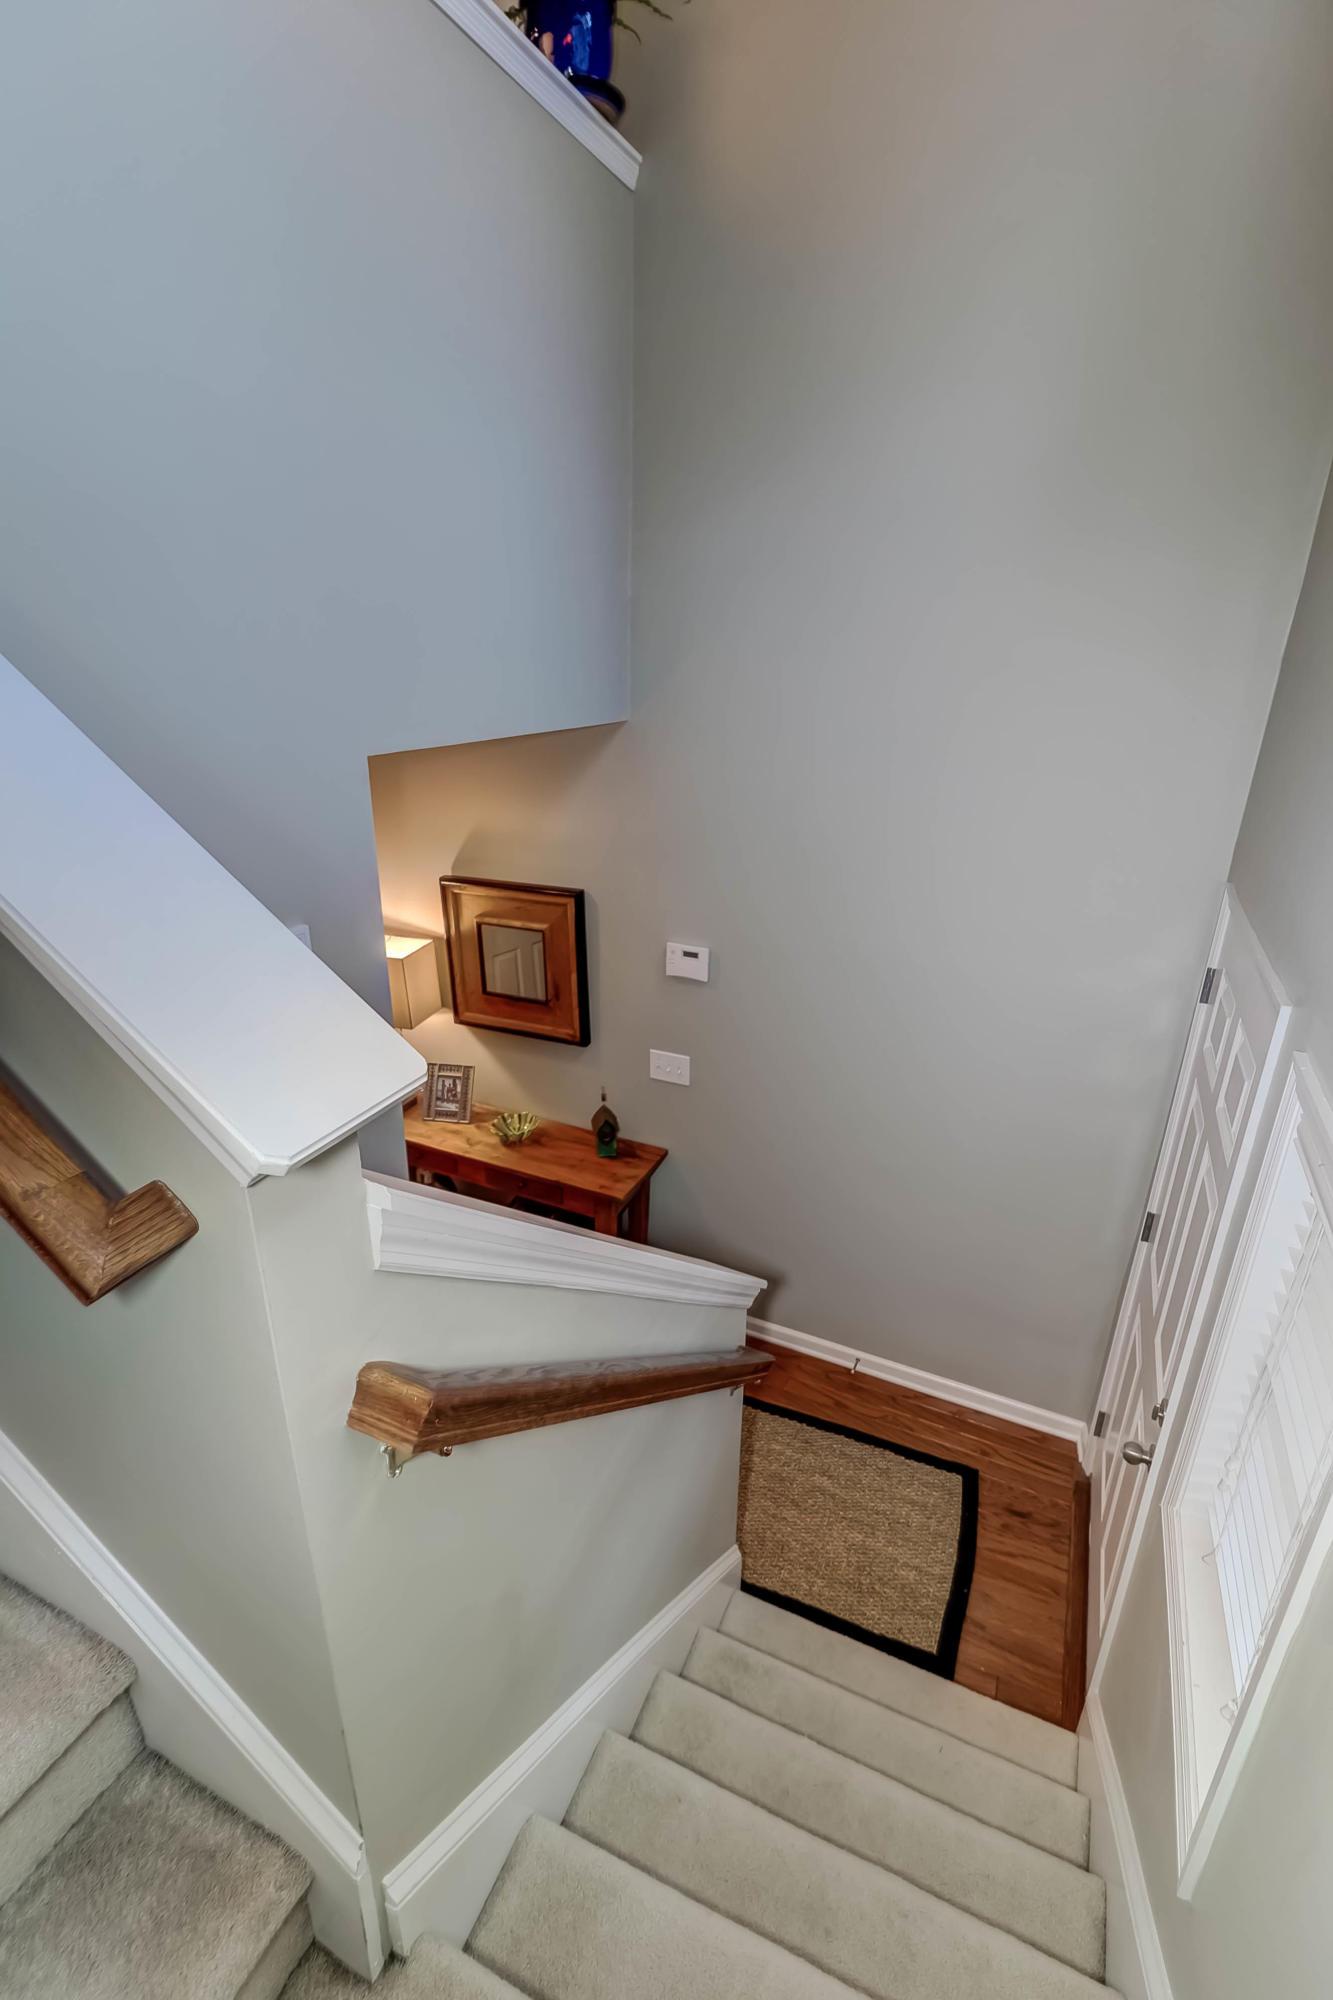 Hamlin Park Homes For Sale - 2863 Woodland Park, Mount Pleasant, SC - 31